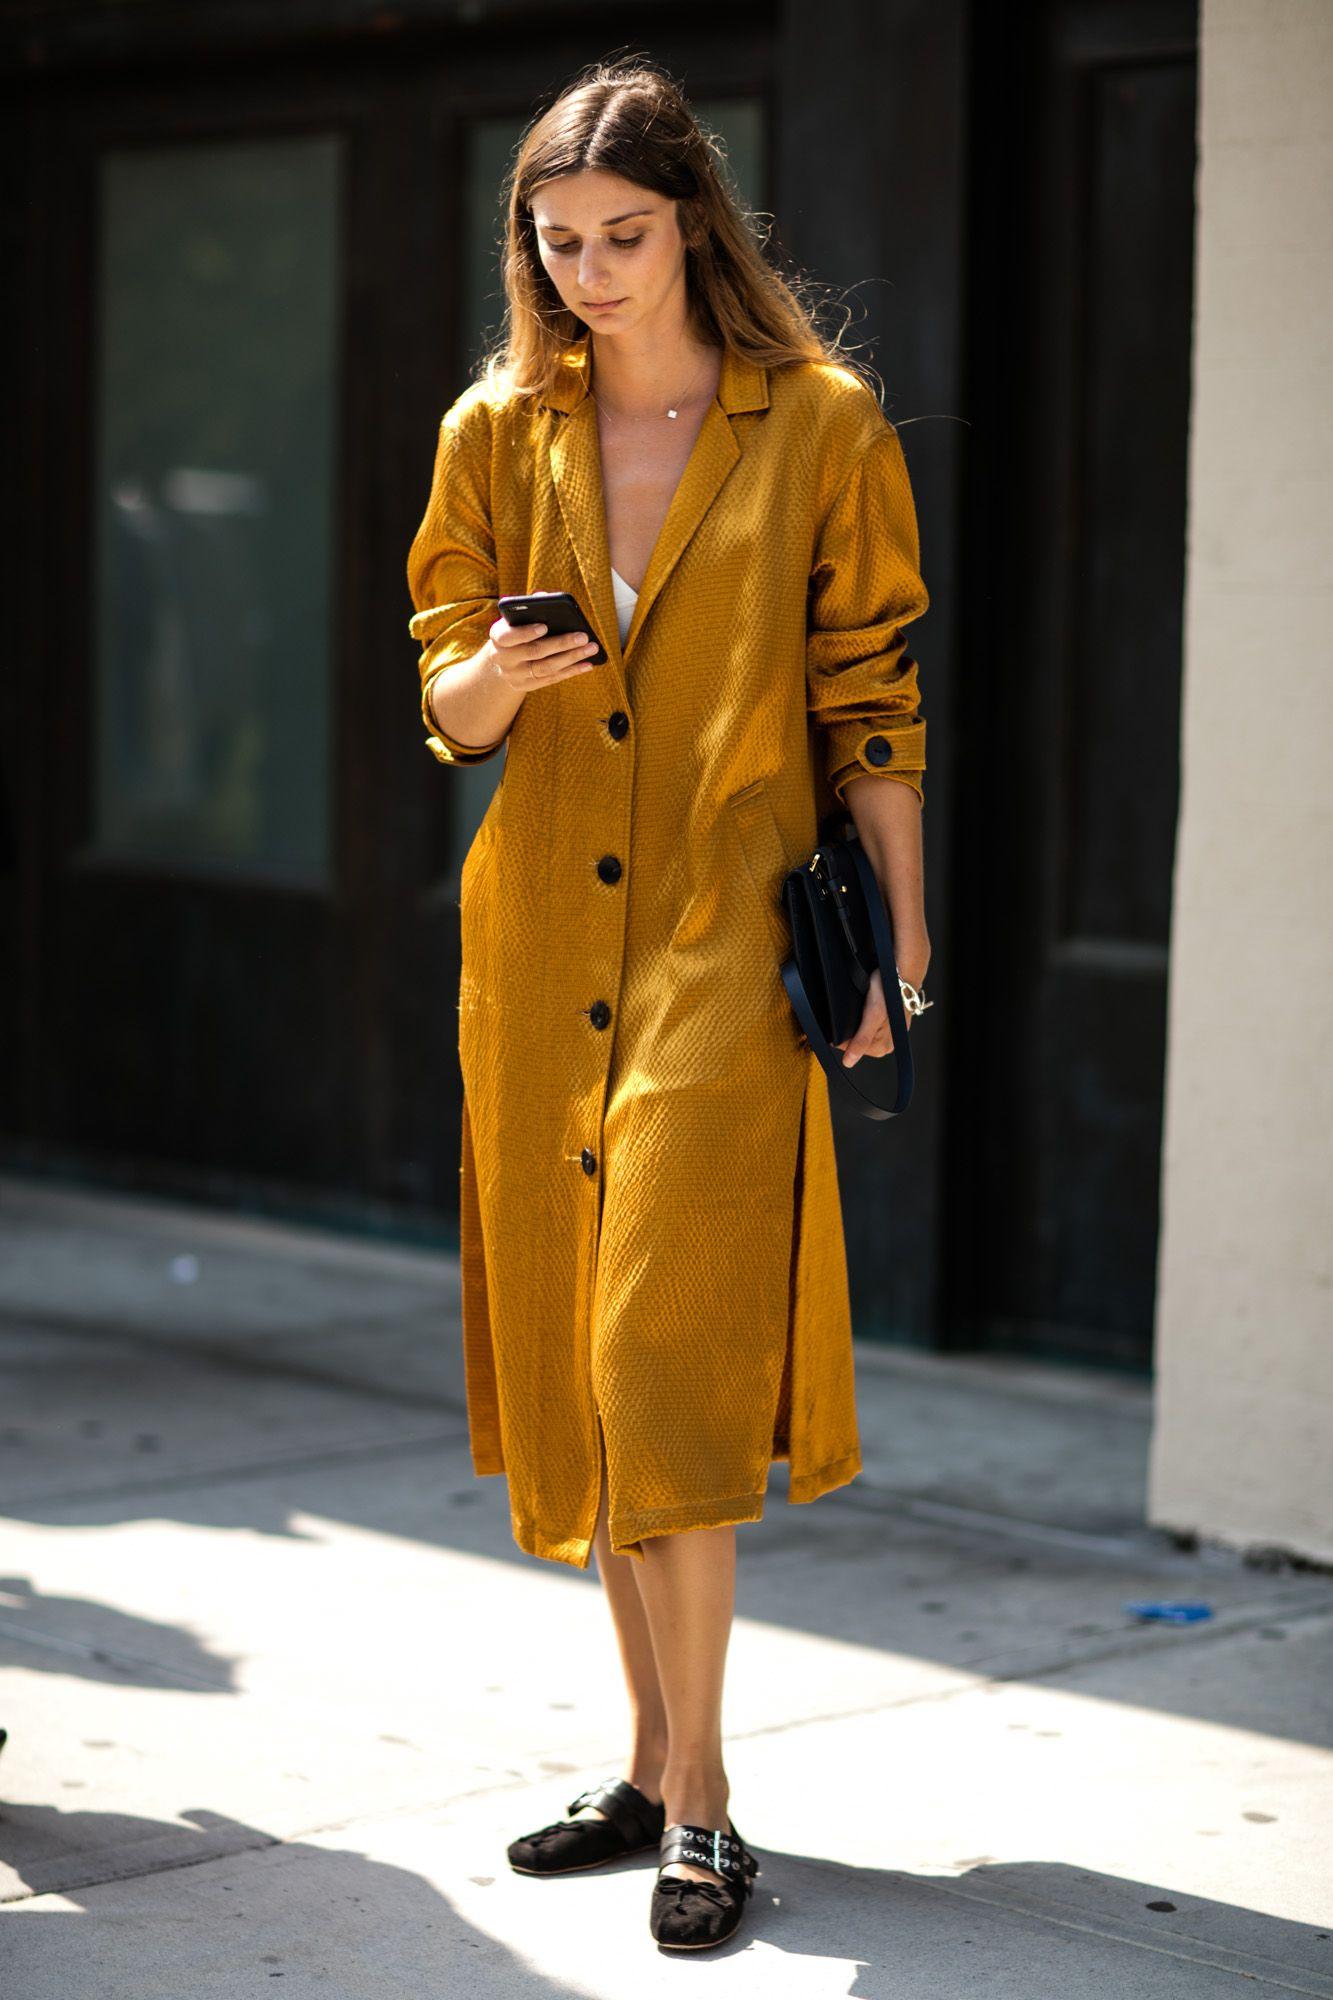 fashionista diện váy vàng mustard của thương hiệu Simone Miller tại Tuần lễ Thời trang New York